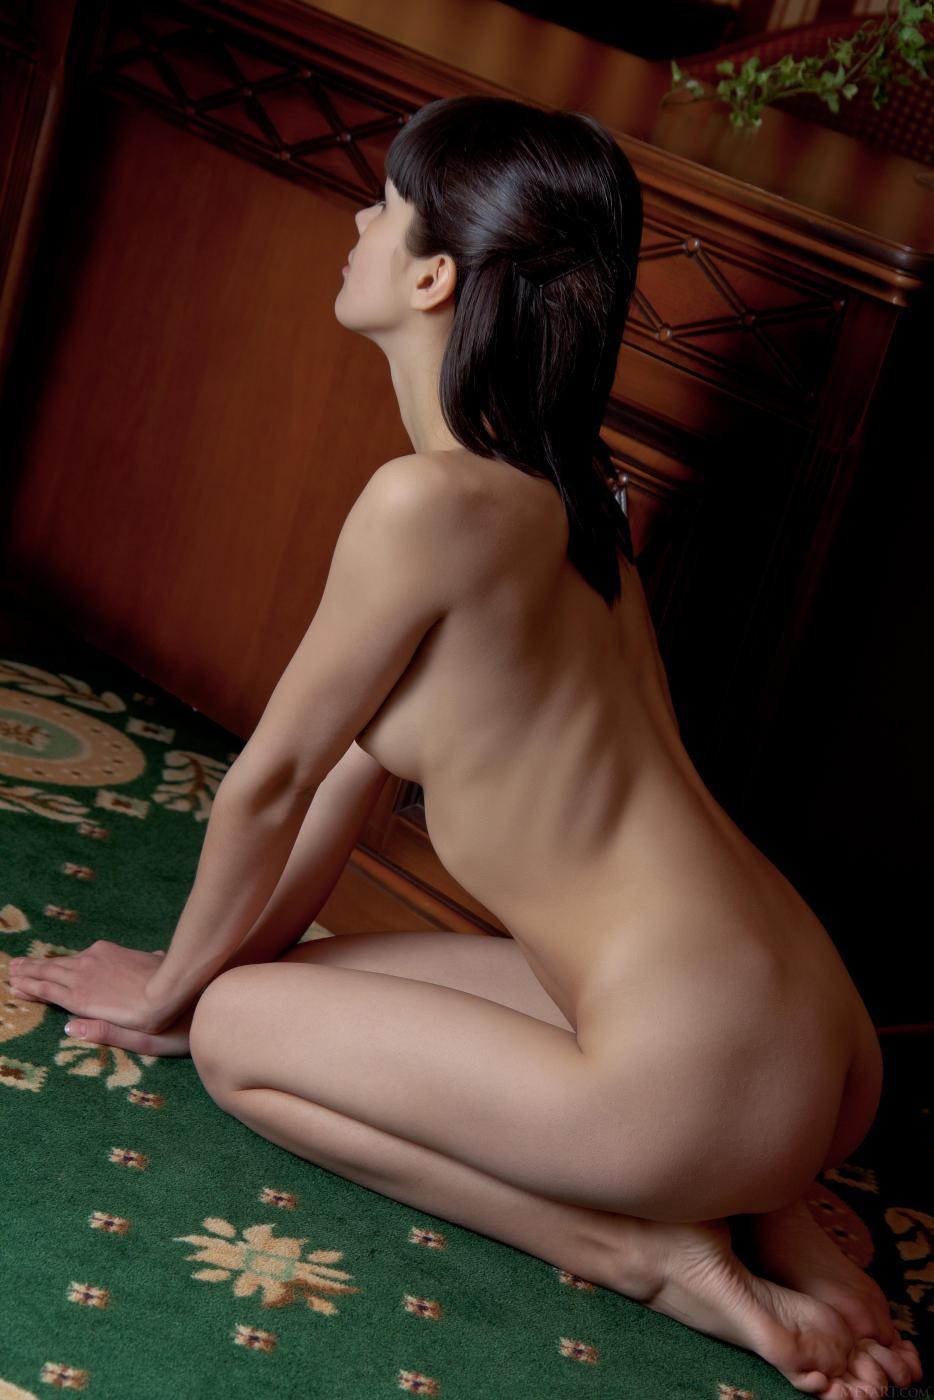 Русая порноактрисса с побритой вагиной и сочными крошечными грудями - Luiza A, обнажает свое голый торс